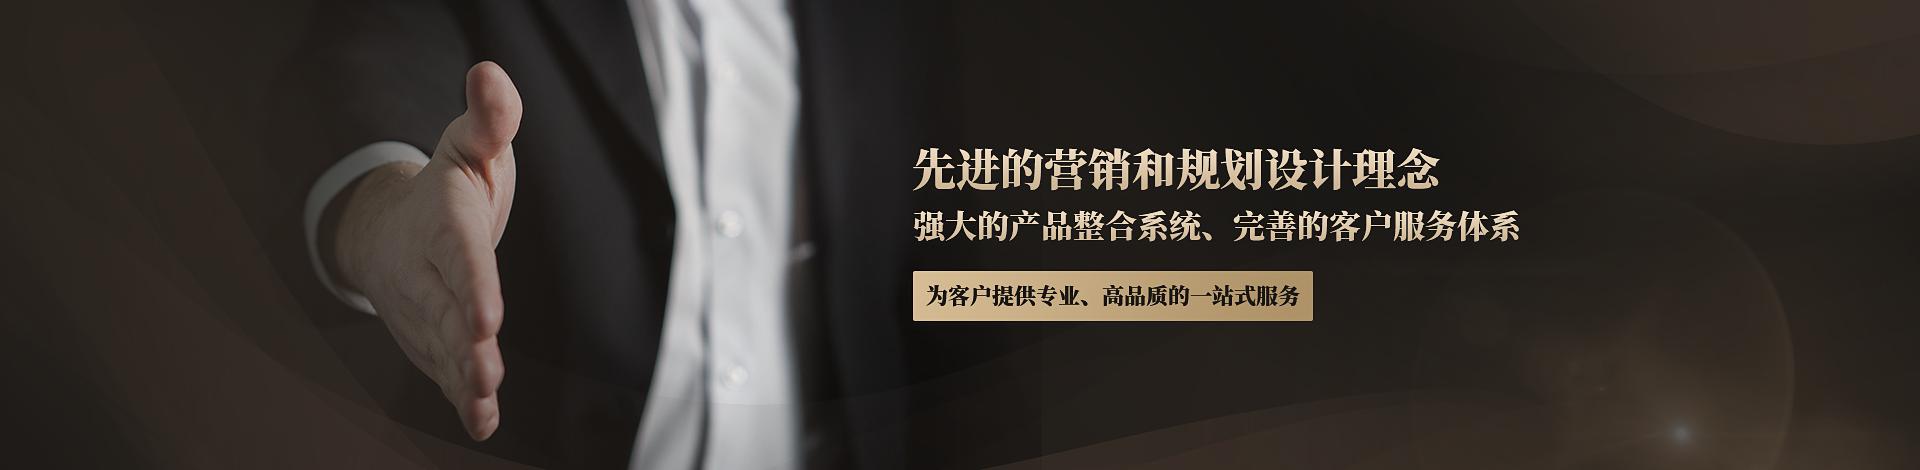 深圳市金宝来科技有限公司